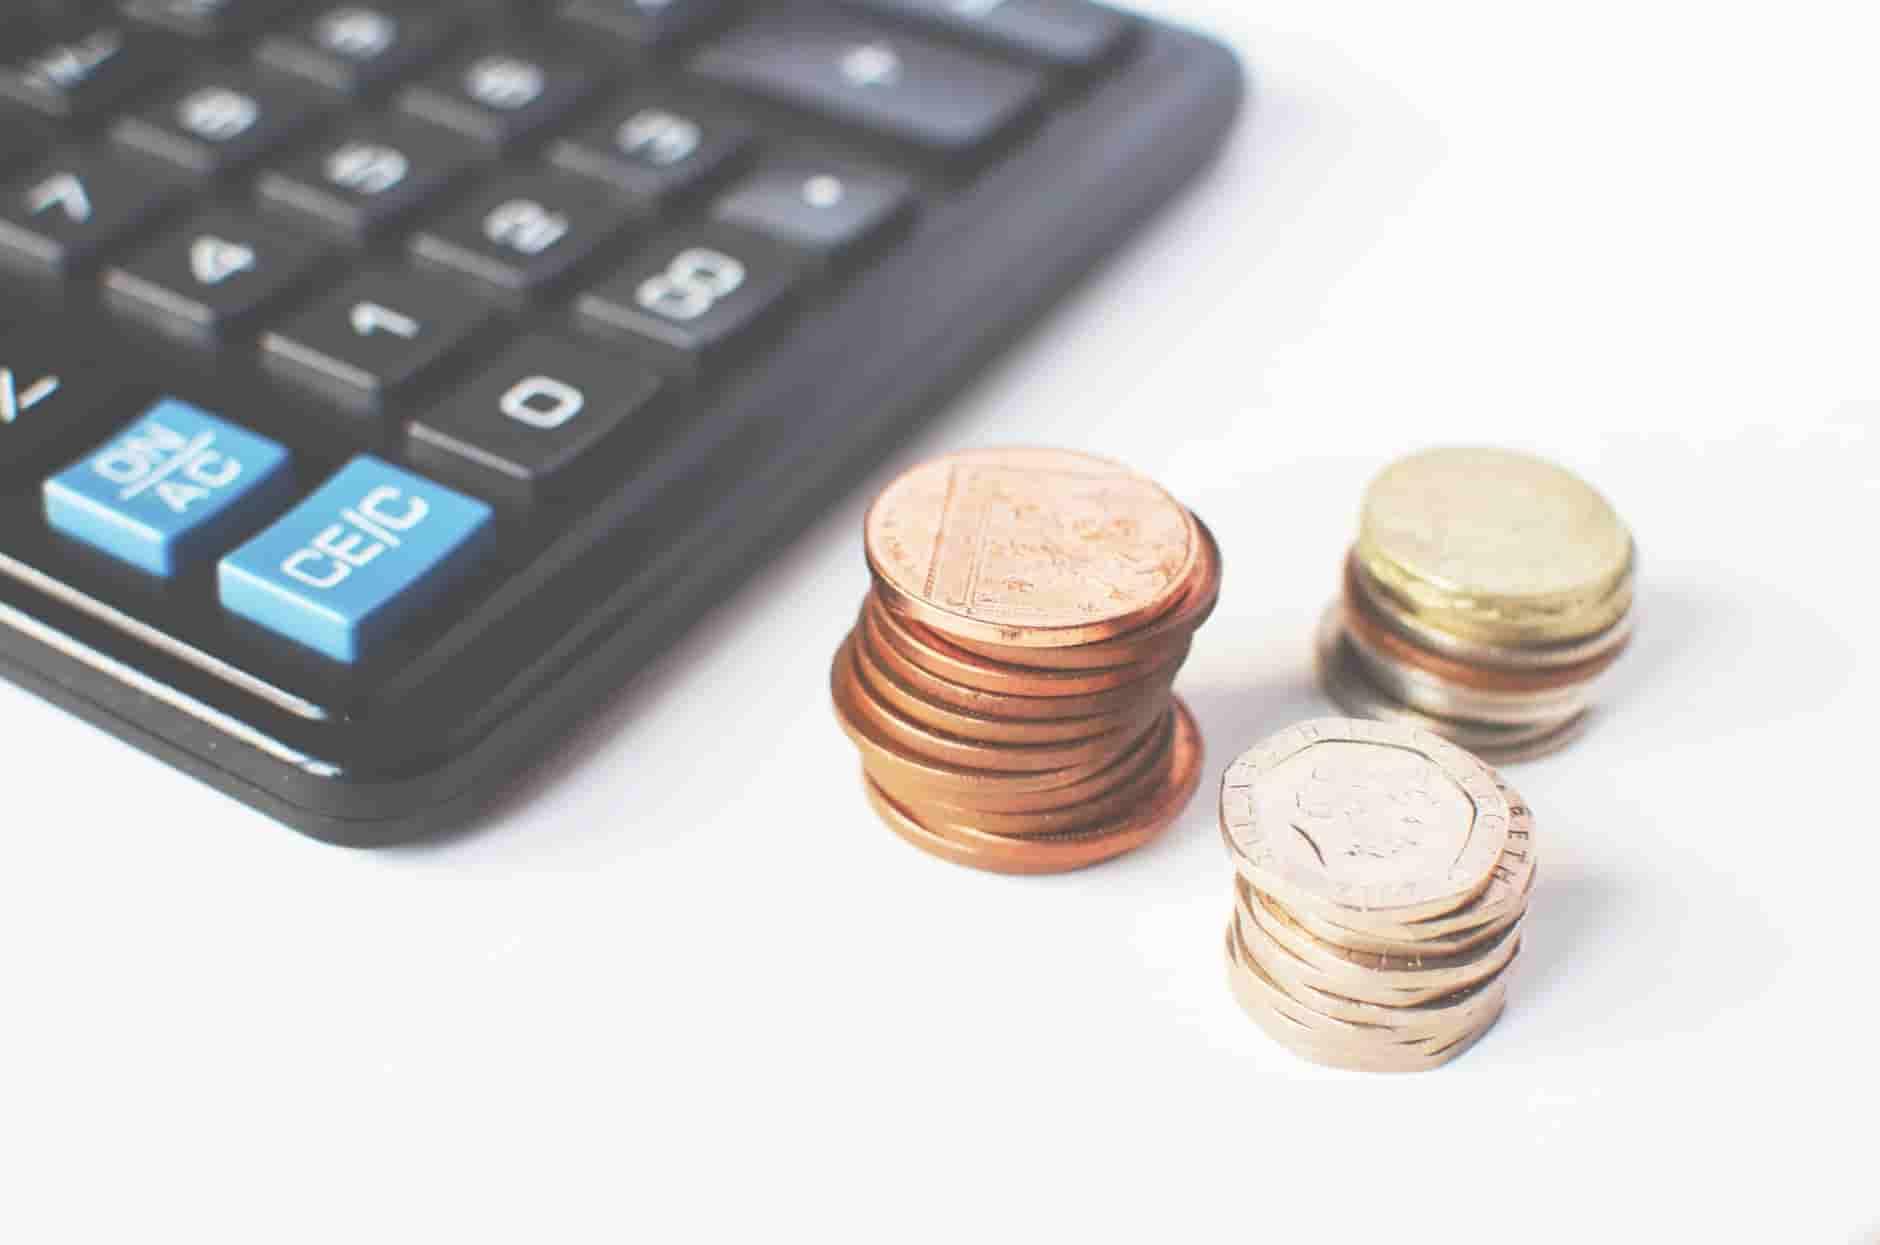 基本給とは給料とどこが違うの?正しく理解しないと損をする仕組みを解説!